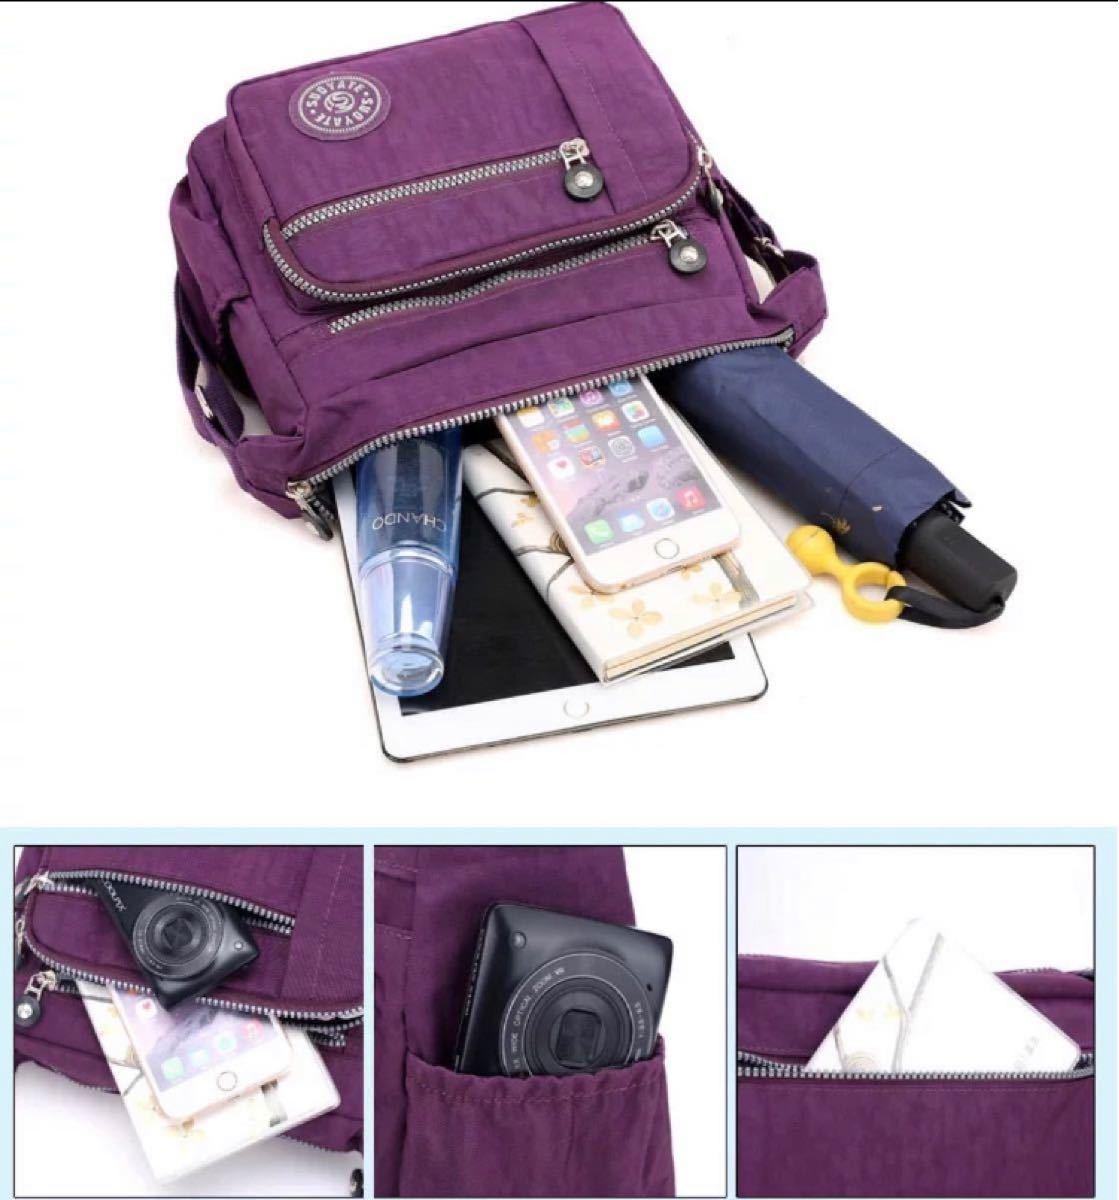 ショルダーバッグ 斜めがけ レディースバッグ 紫 パープル iPad 軽量 斜めがけバッグ アウトドア マザーズバッグ サブバッグ